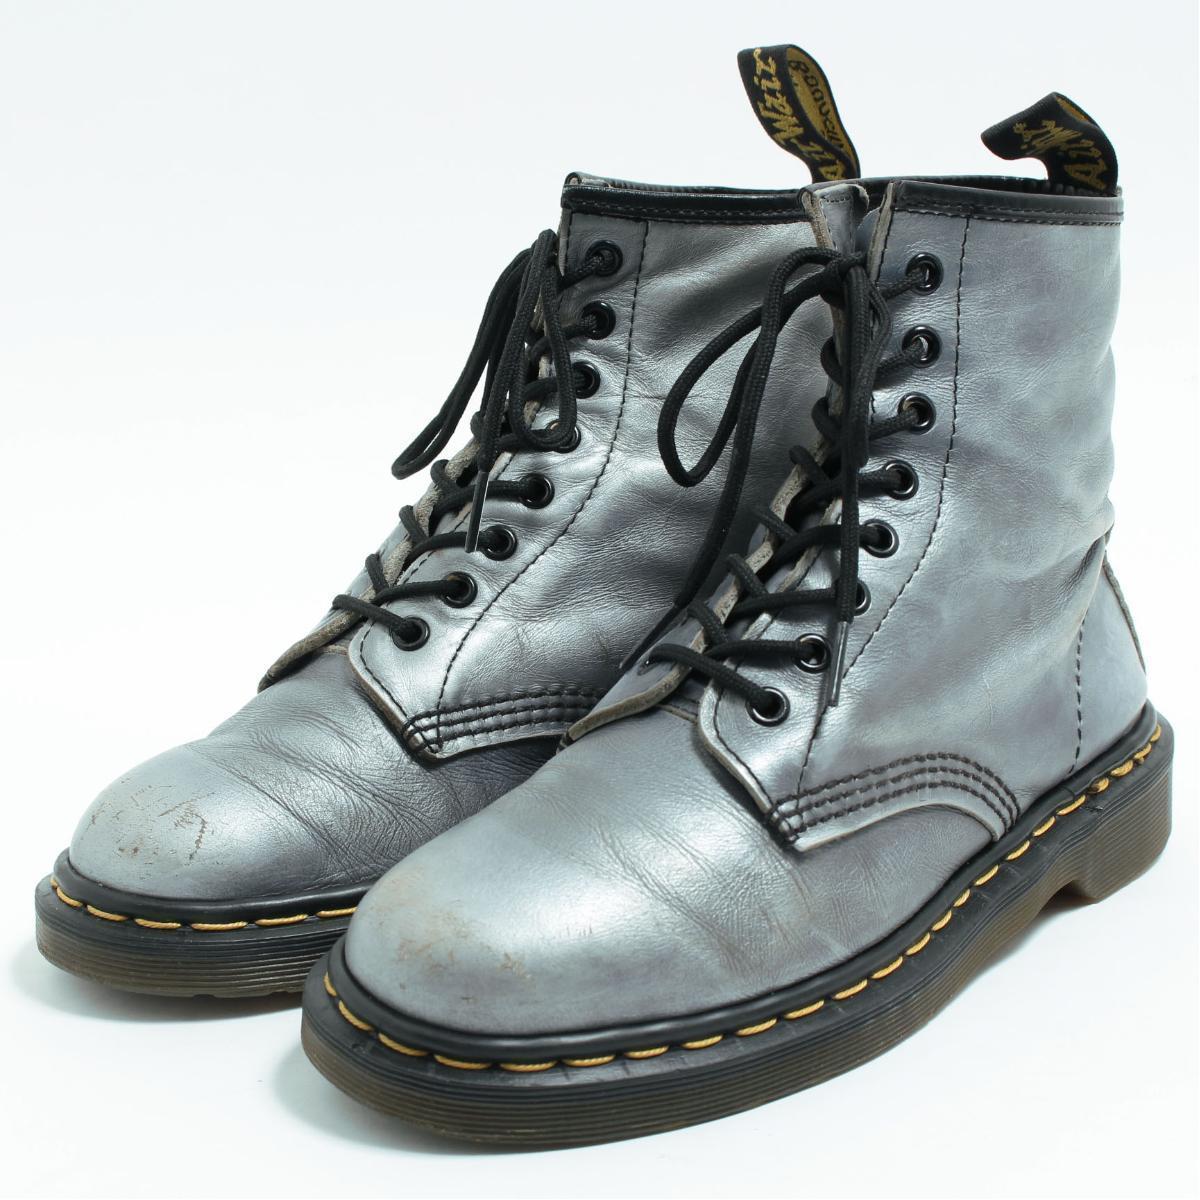 ドクターマーチン Dr.Martens 8ホールブーツ 英国製 UK6.5 メンズ25.0cm /boo6334 【中古】 【190318】